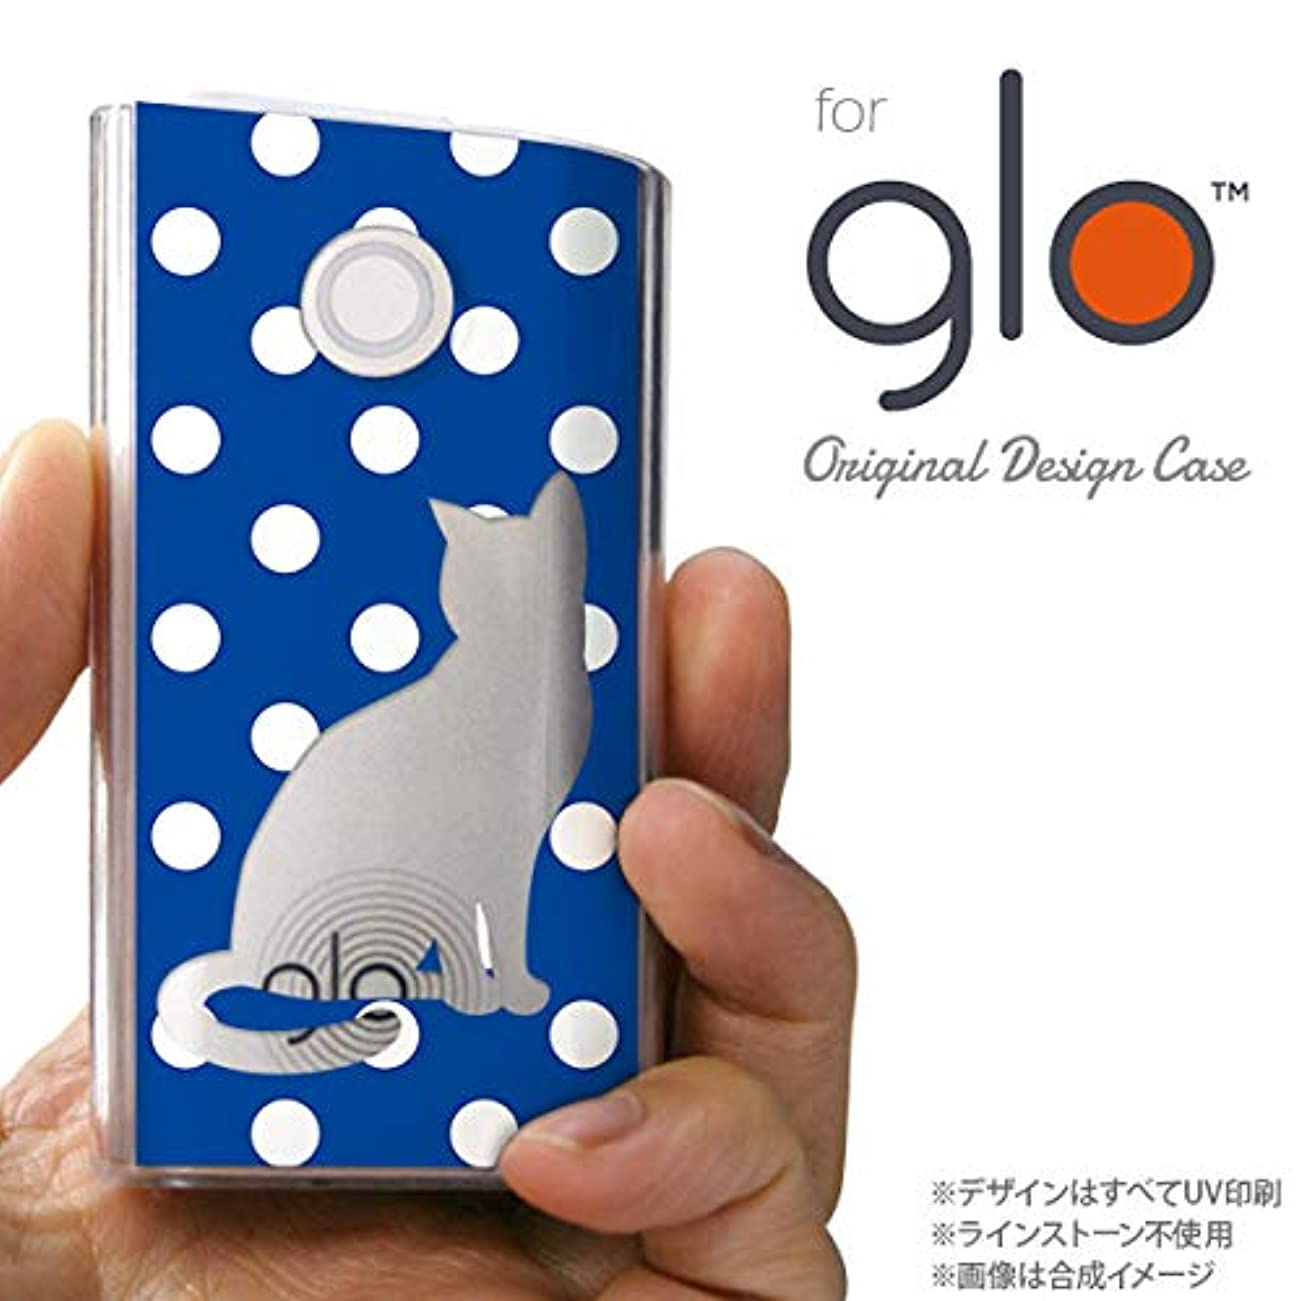 ほとんどの場合日光叱るglo グローケース カバー グロー 猫 水玉青B nk-glo-972